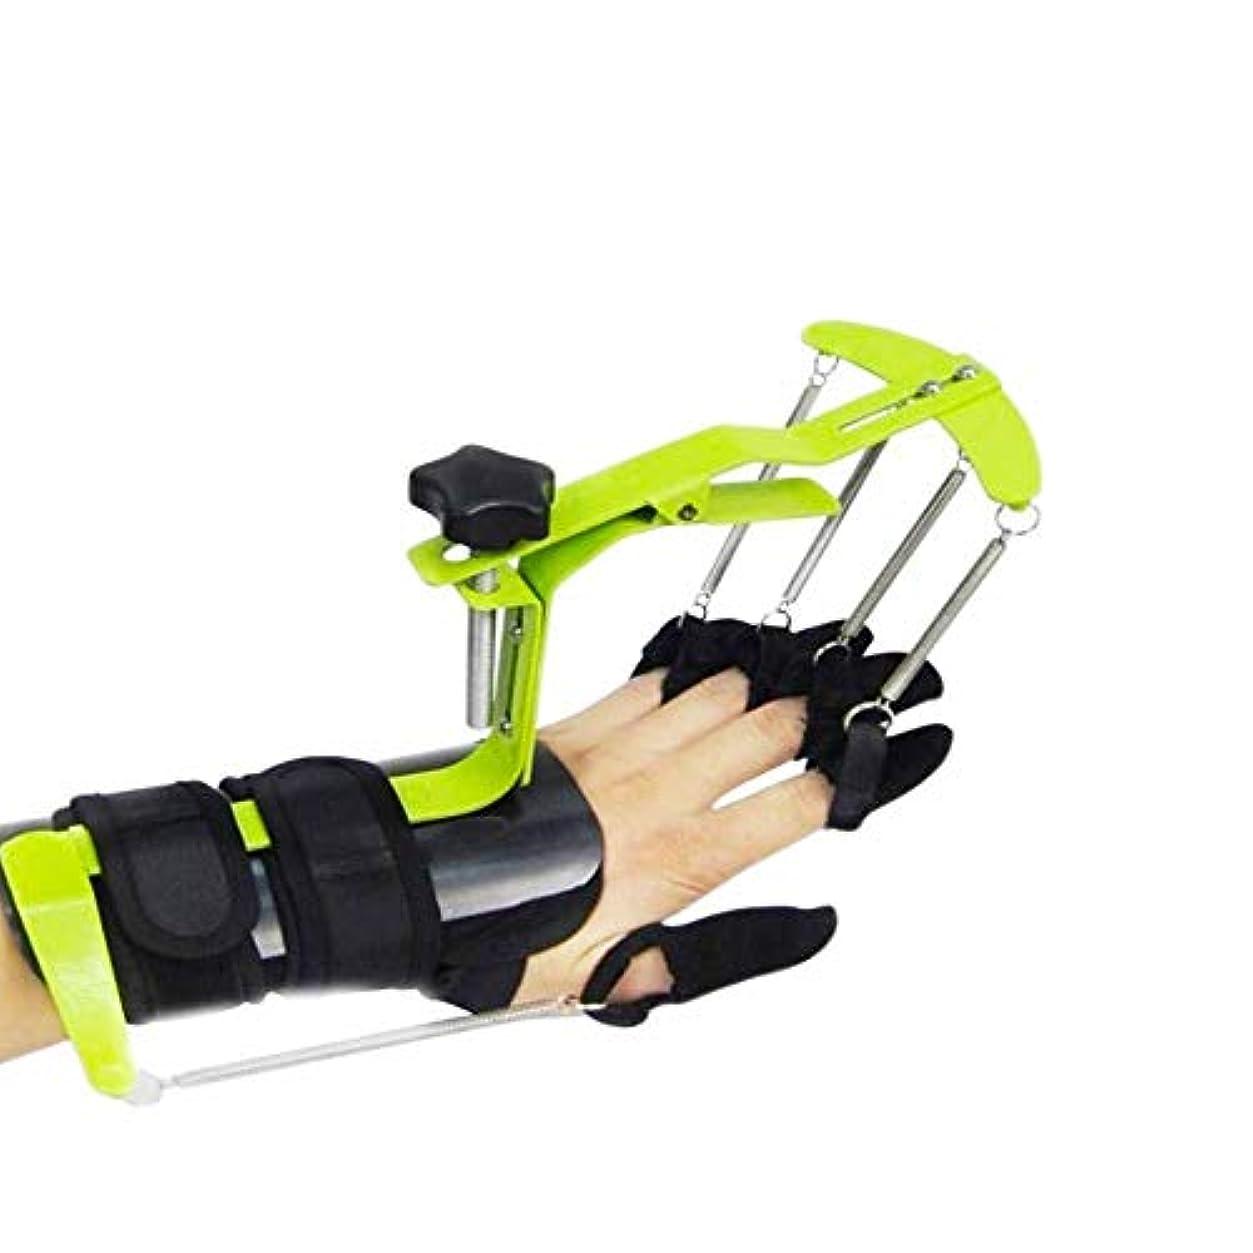 予感評決組み込む指の怪我のサポート、手首装具のサポート、矯正姿勢矯正器、手の延長リハビリテーション訓練